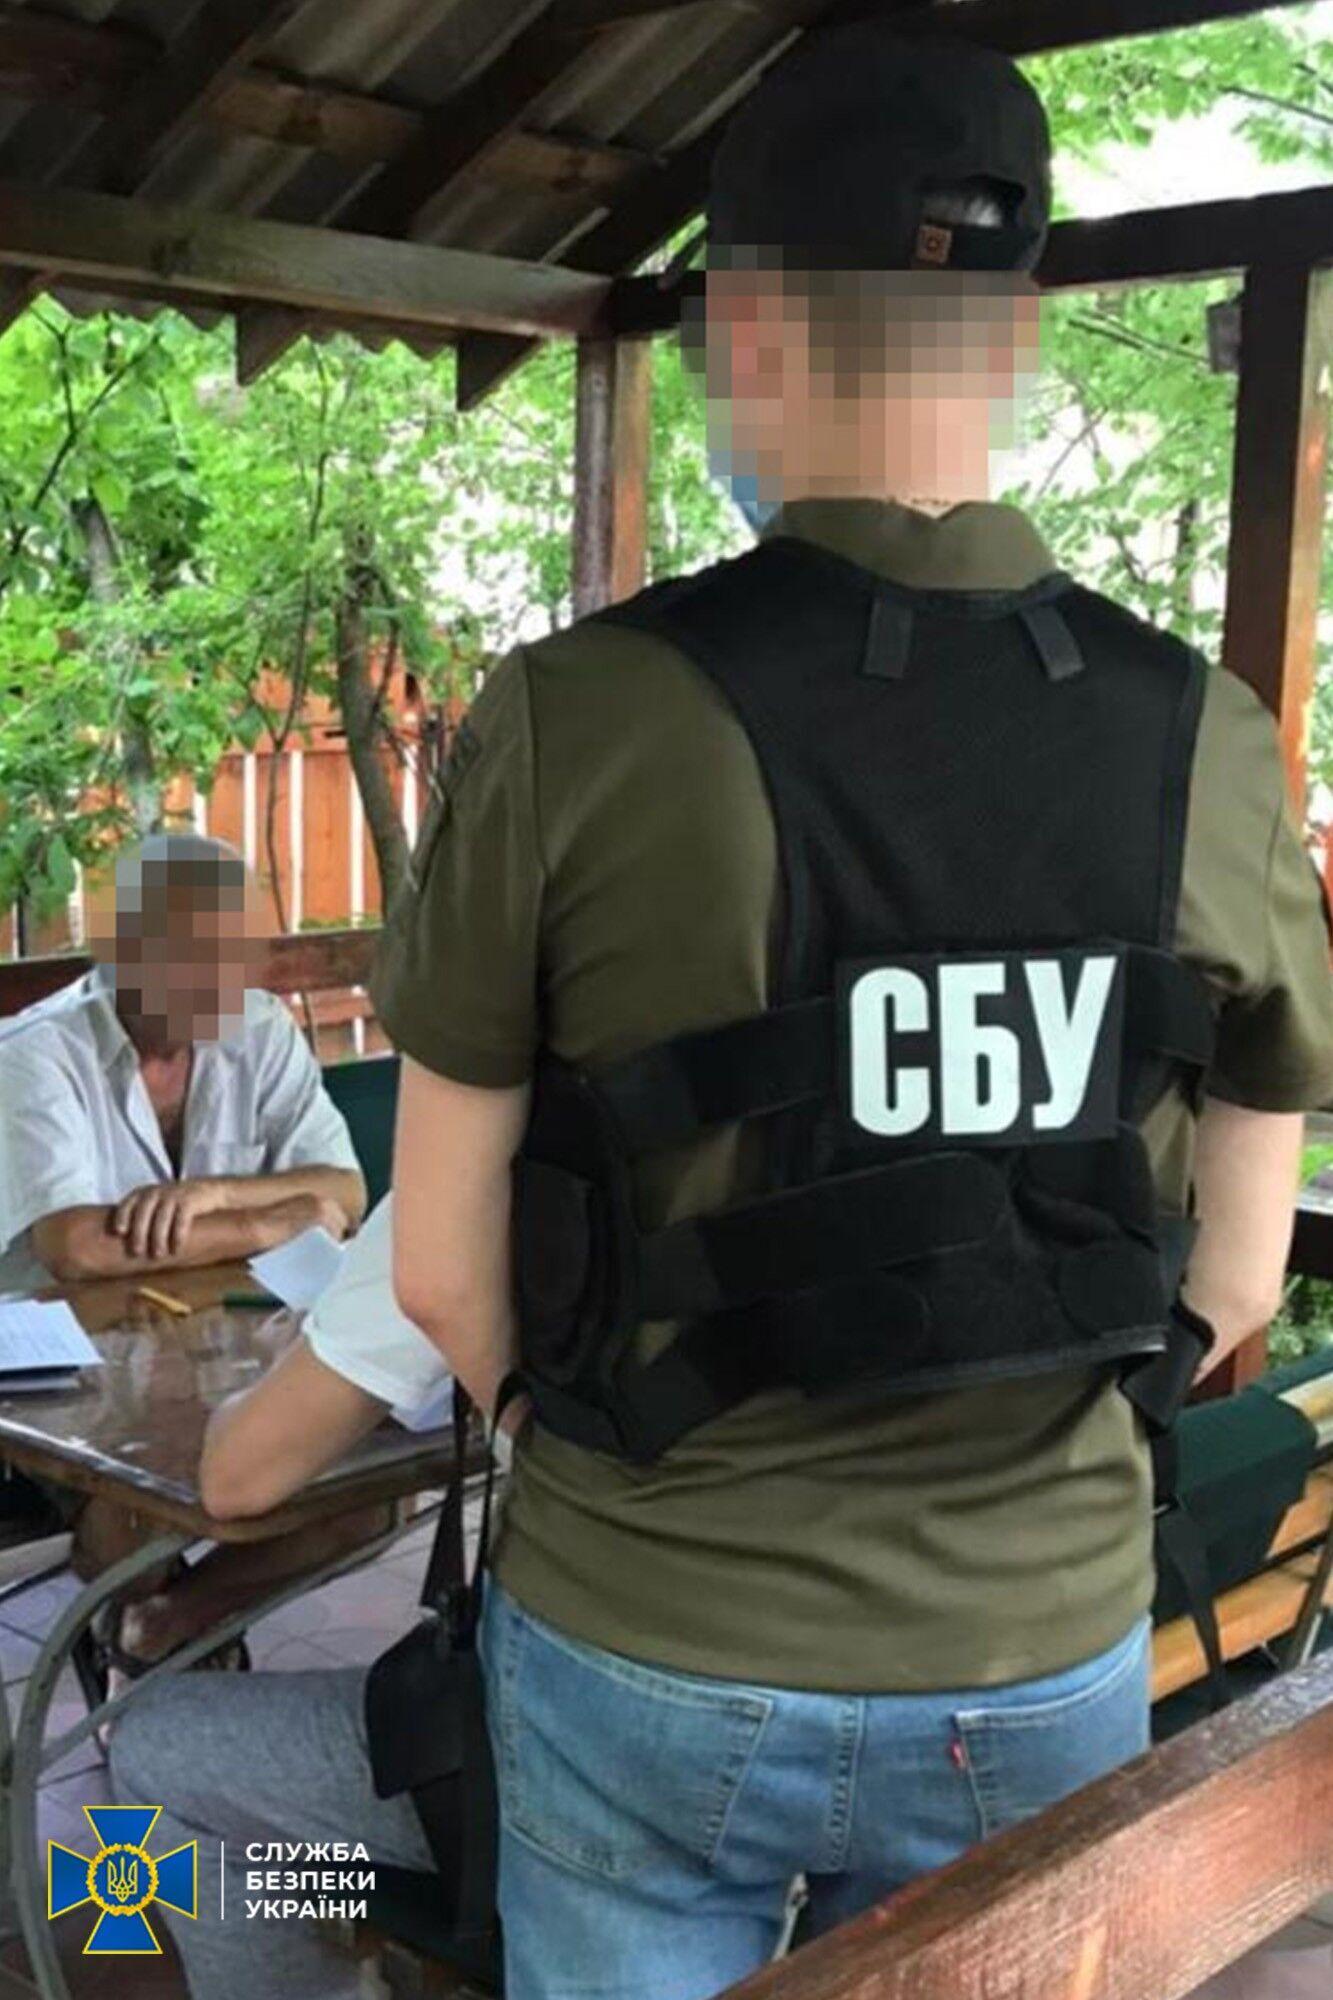 Агентом вражеской разведки оказался житель Черкасской области